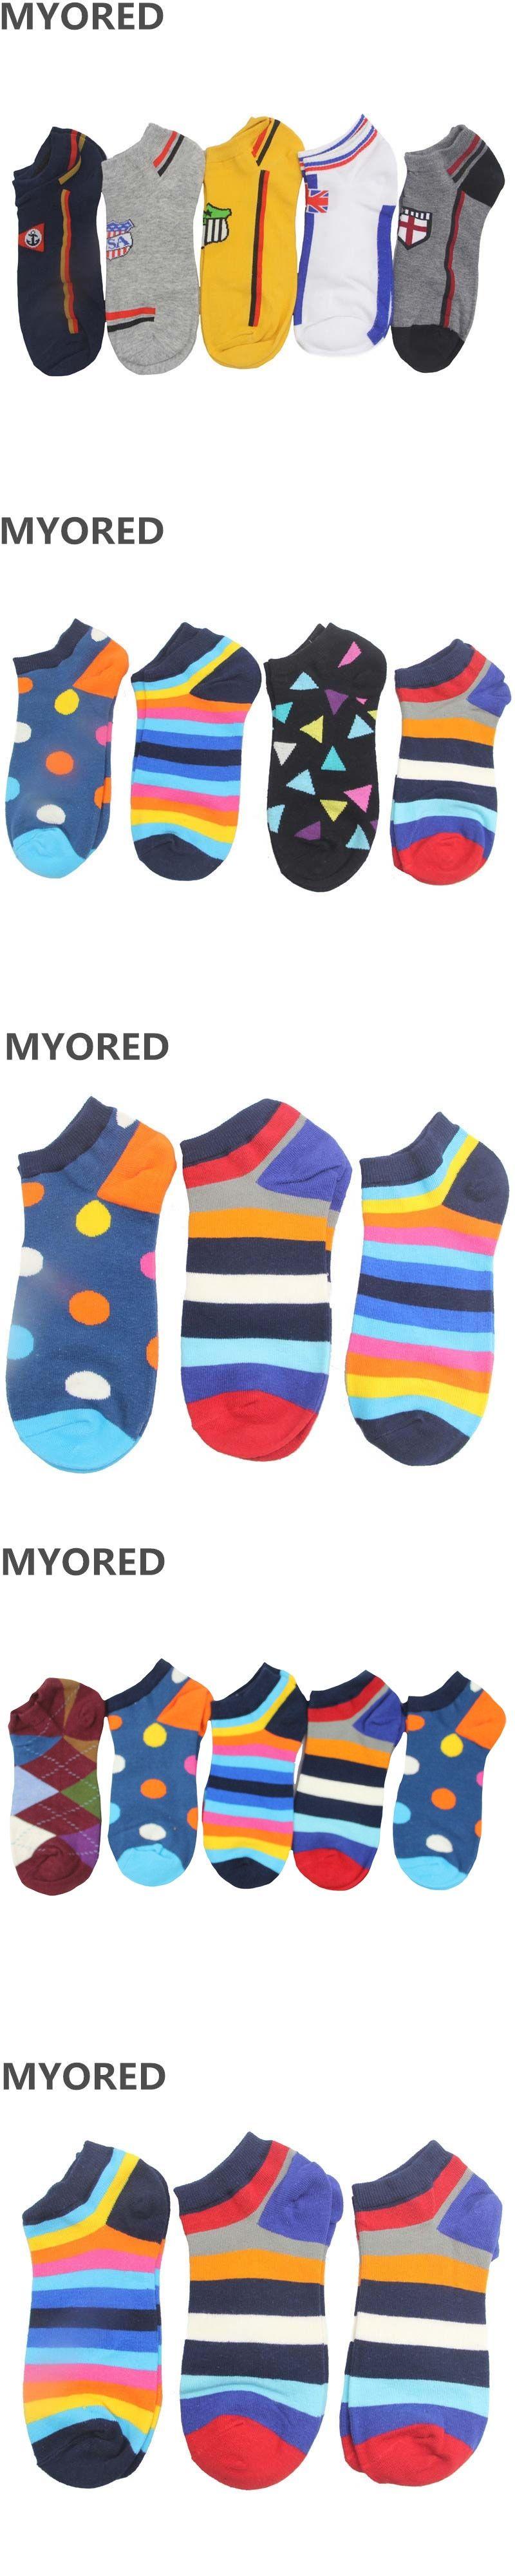 MYORED 5pairs=1 Lot mens socks womens cartoon sock slippers colorful